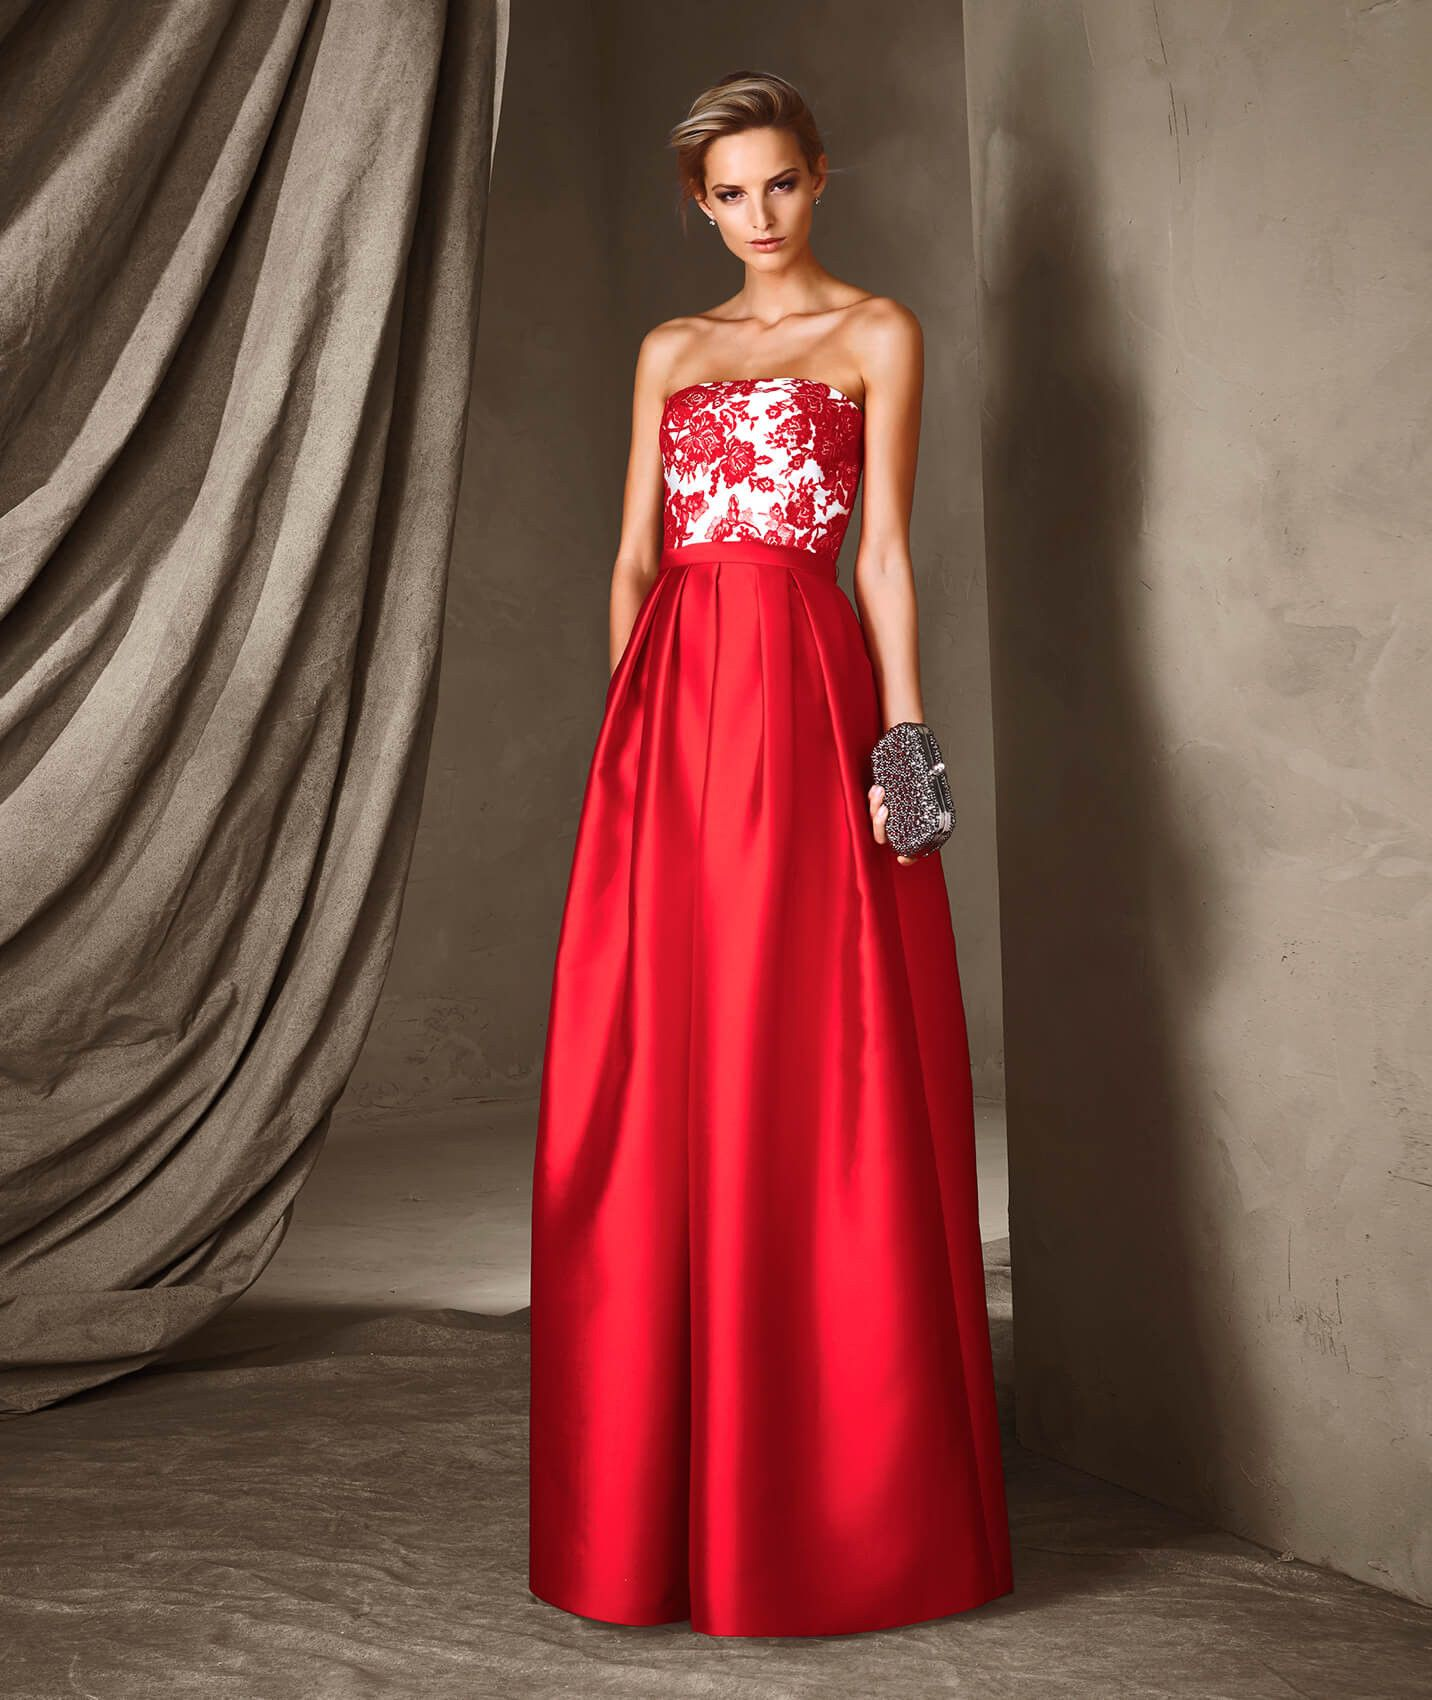 2a4dcb514ba Une élégante robe longue en mikado et dentelle qui associe les couleurs  pour créer un modèle sublime. Découvrez CANDELA de la collection Robes de  soirée.